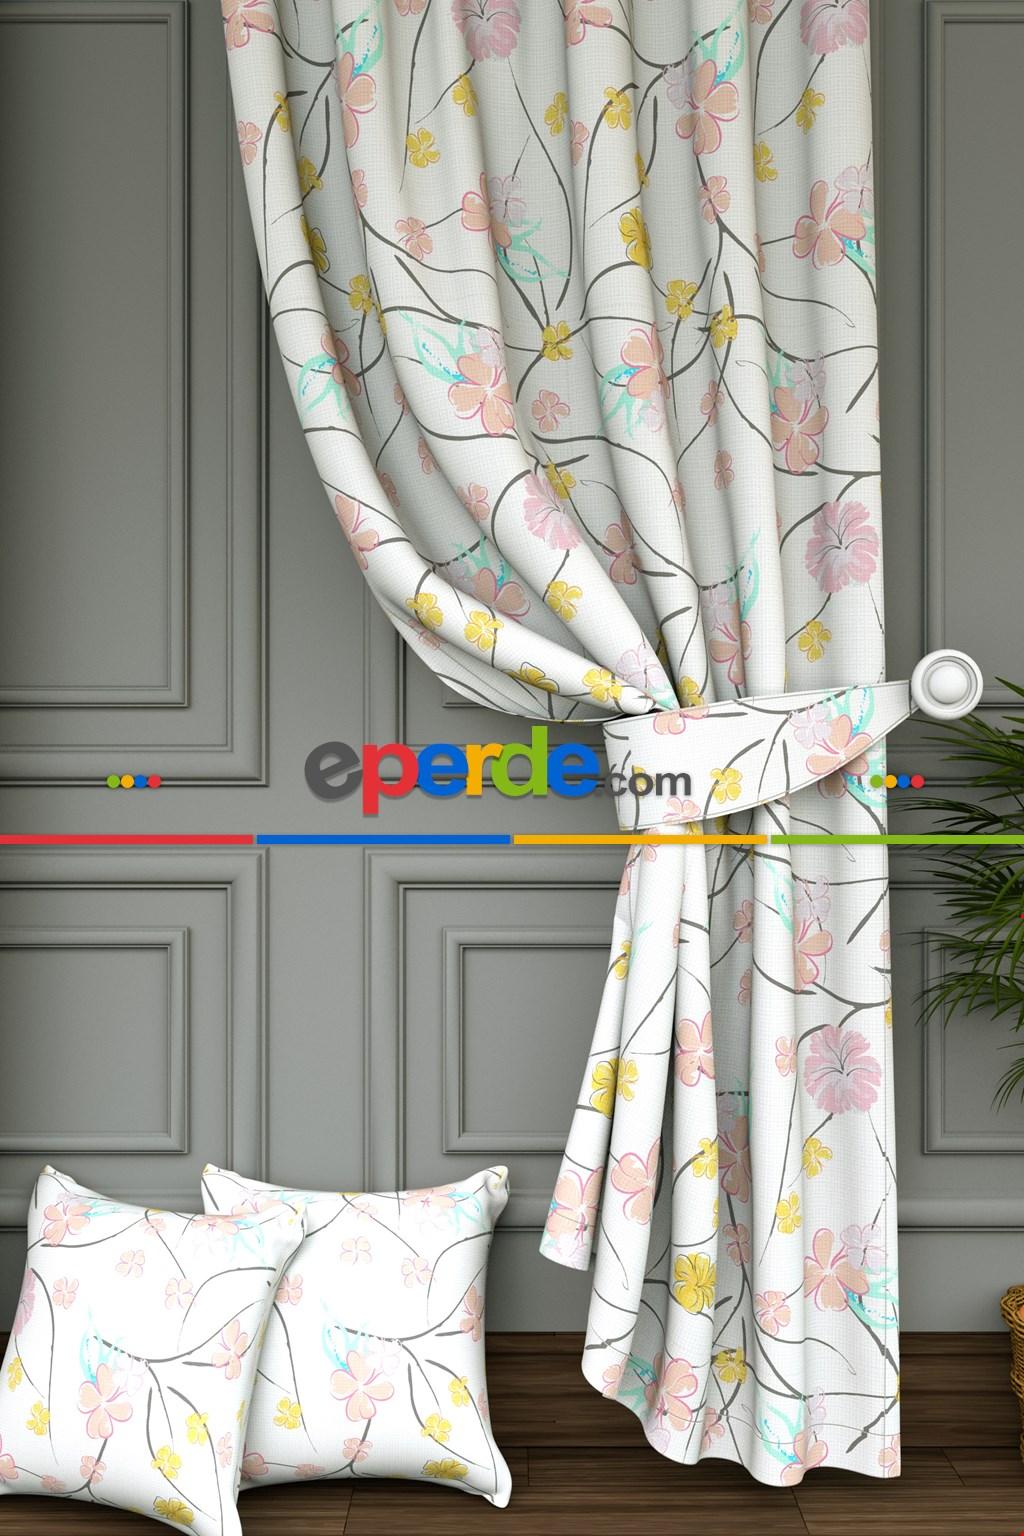 Salon - Renkli Çiçek Baskılı Fon Perde